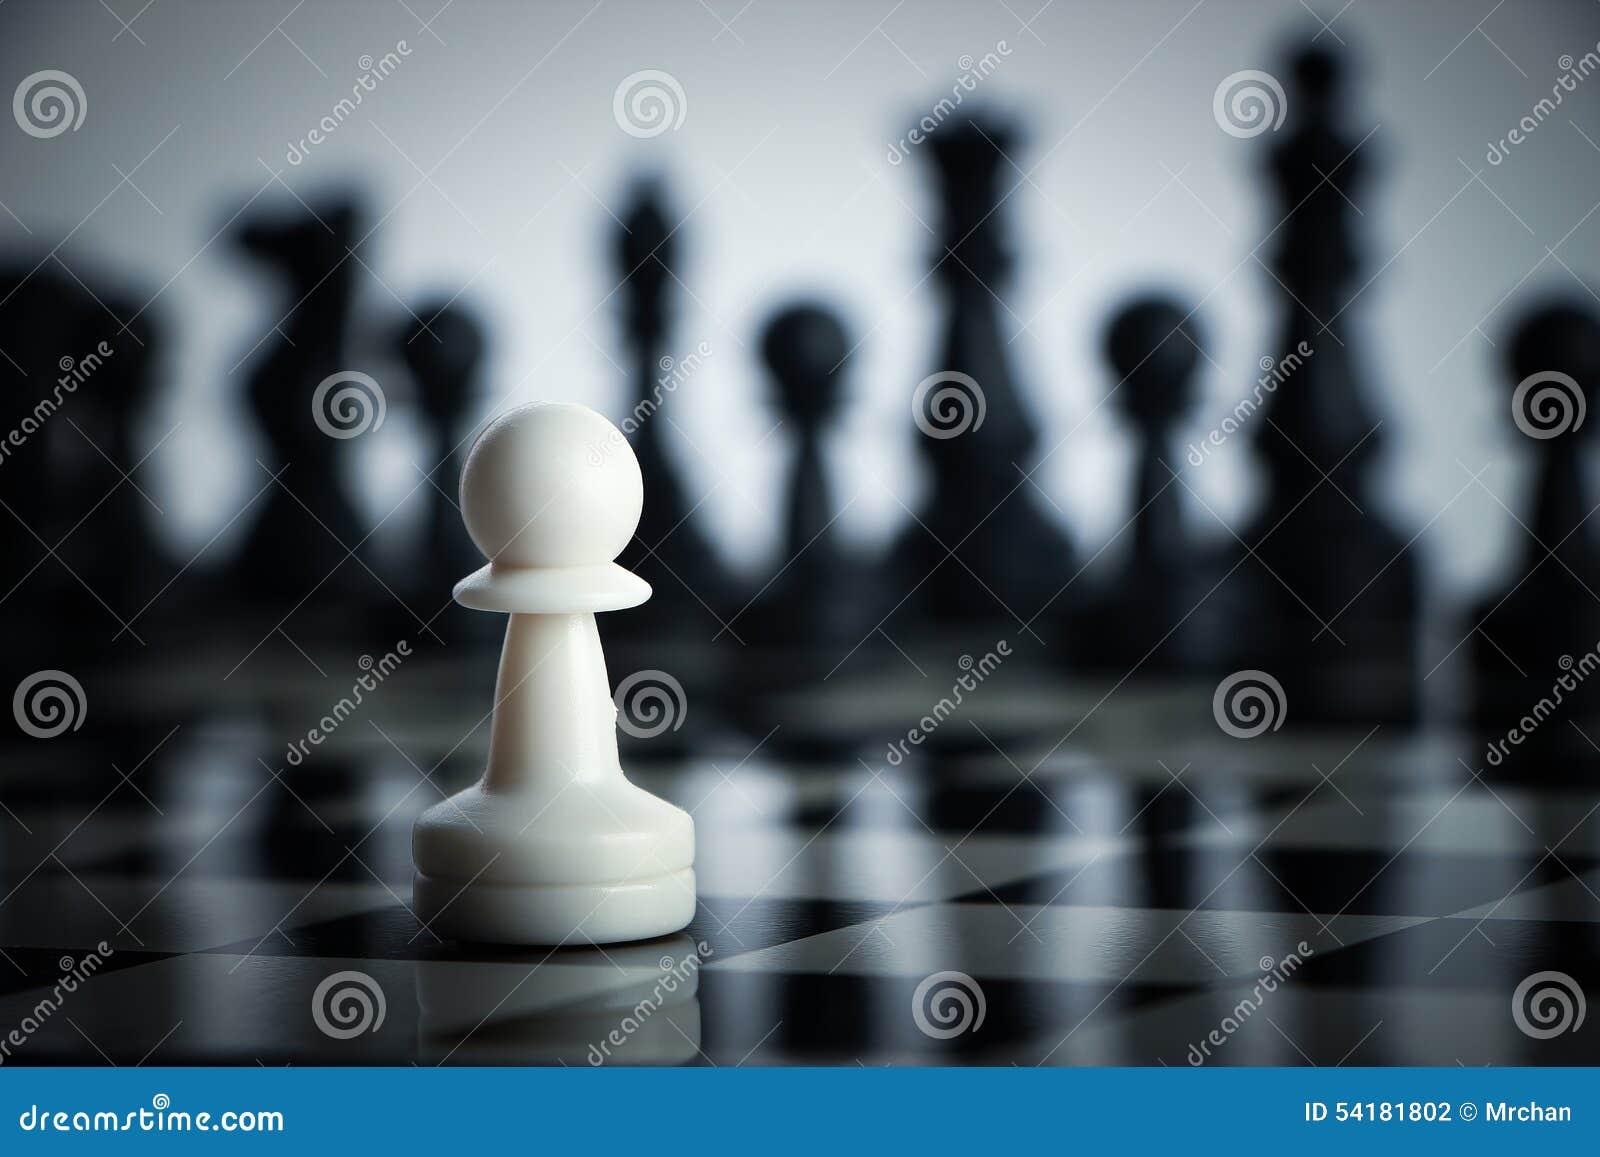 Schach Gegen